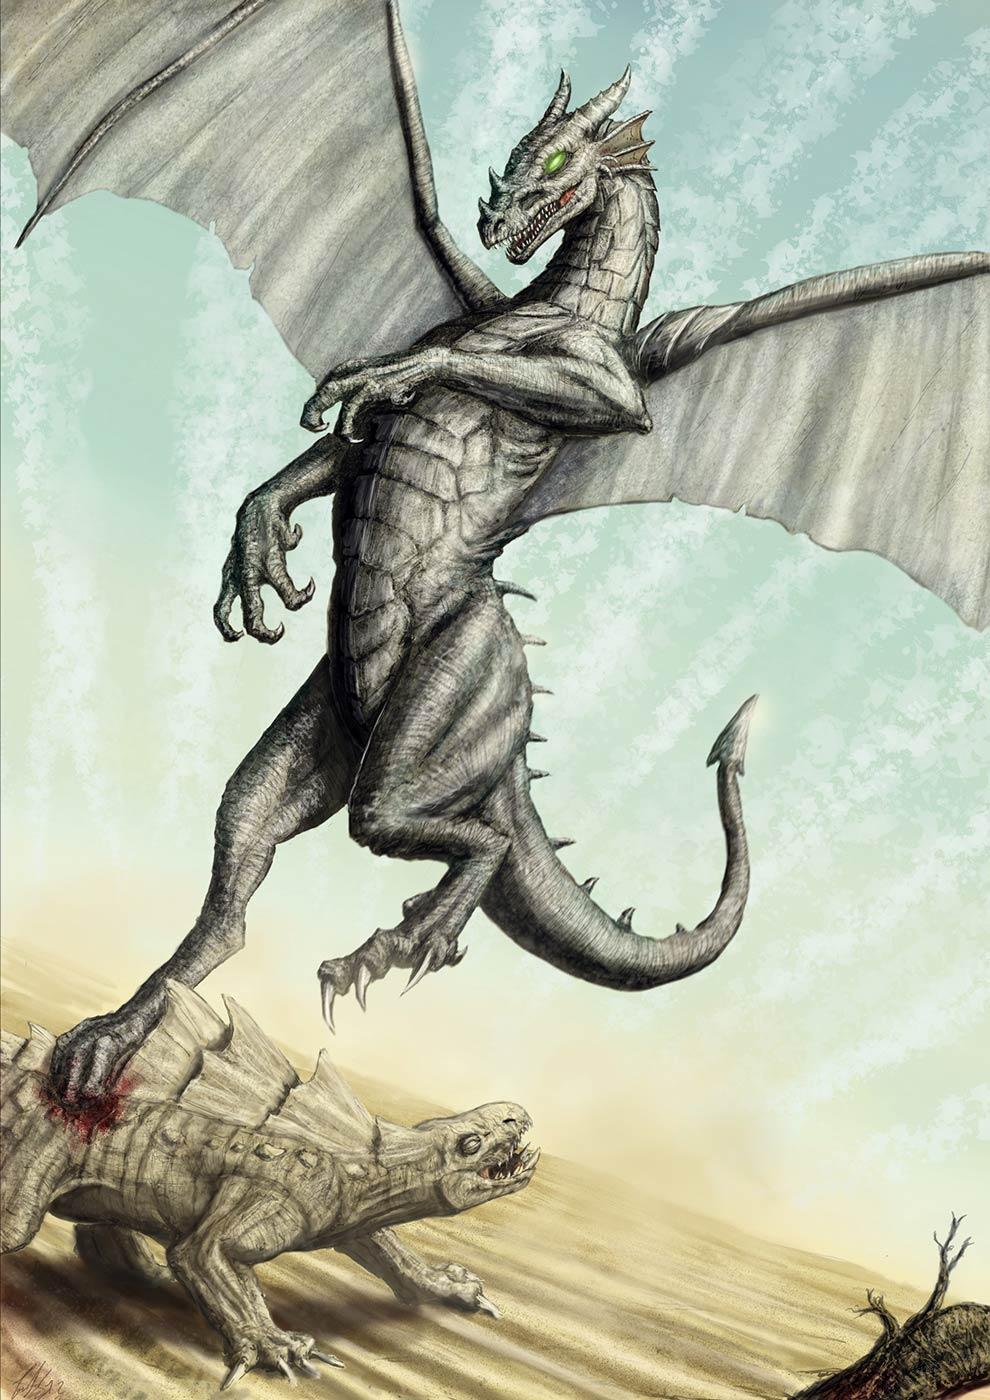 Immagine dell'attacco del drago - Illustrazione fantasy tratta da Altèra - Le Cronache dei 5 Regni - Elvio Ravasio, autore di libri fantasy